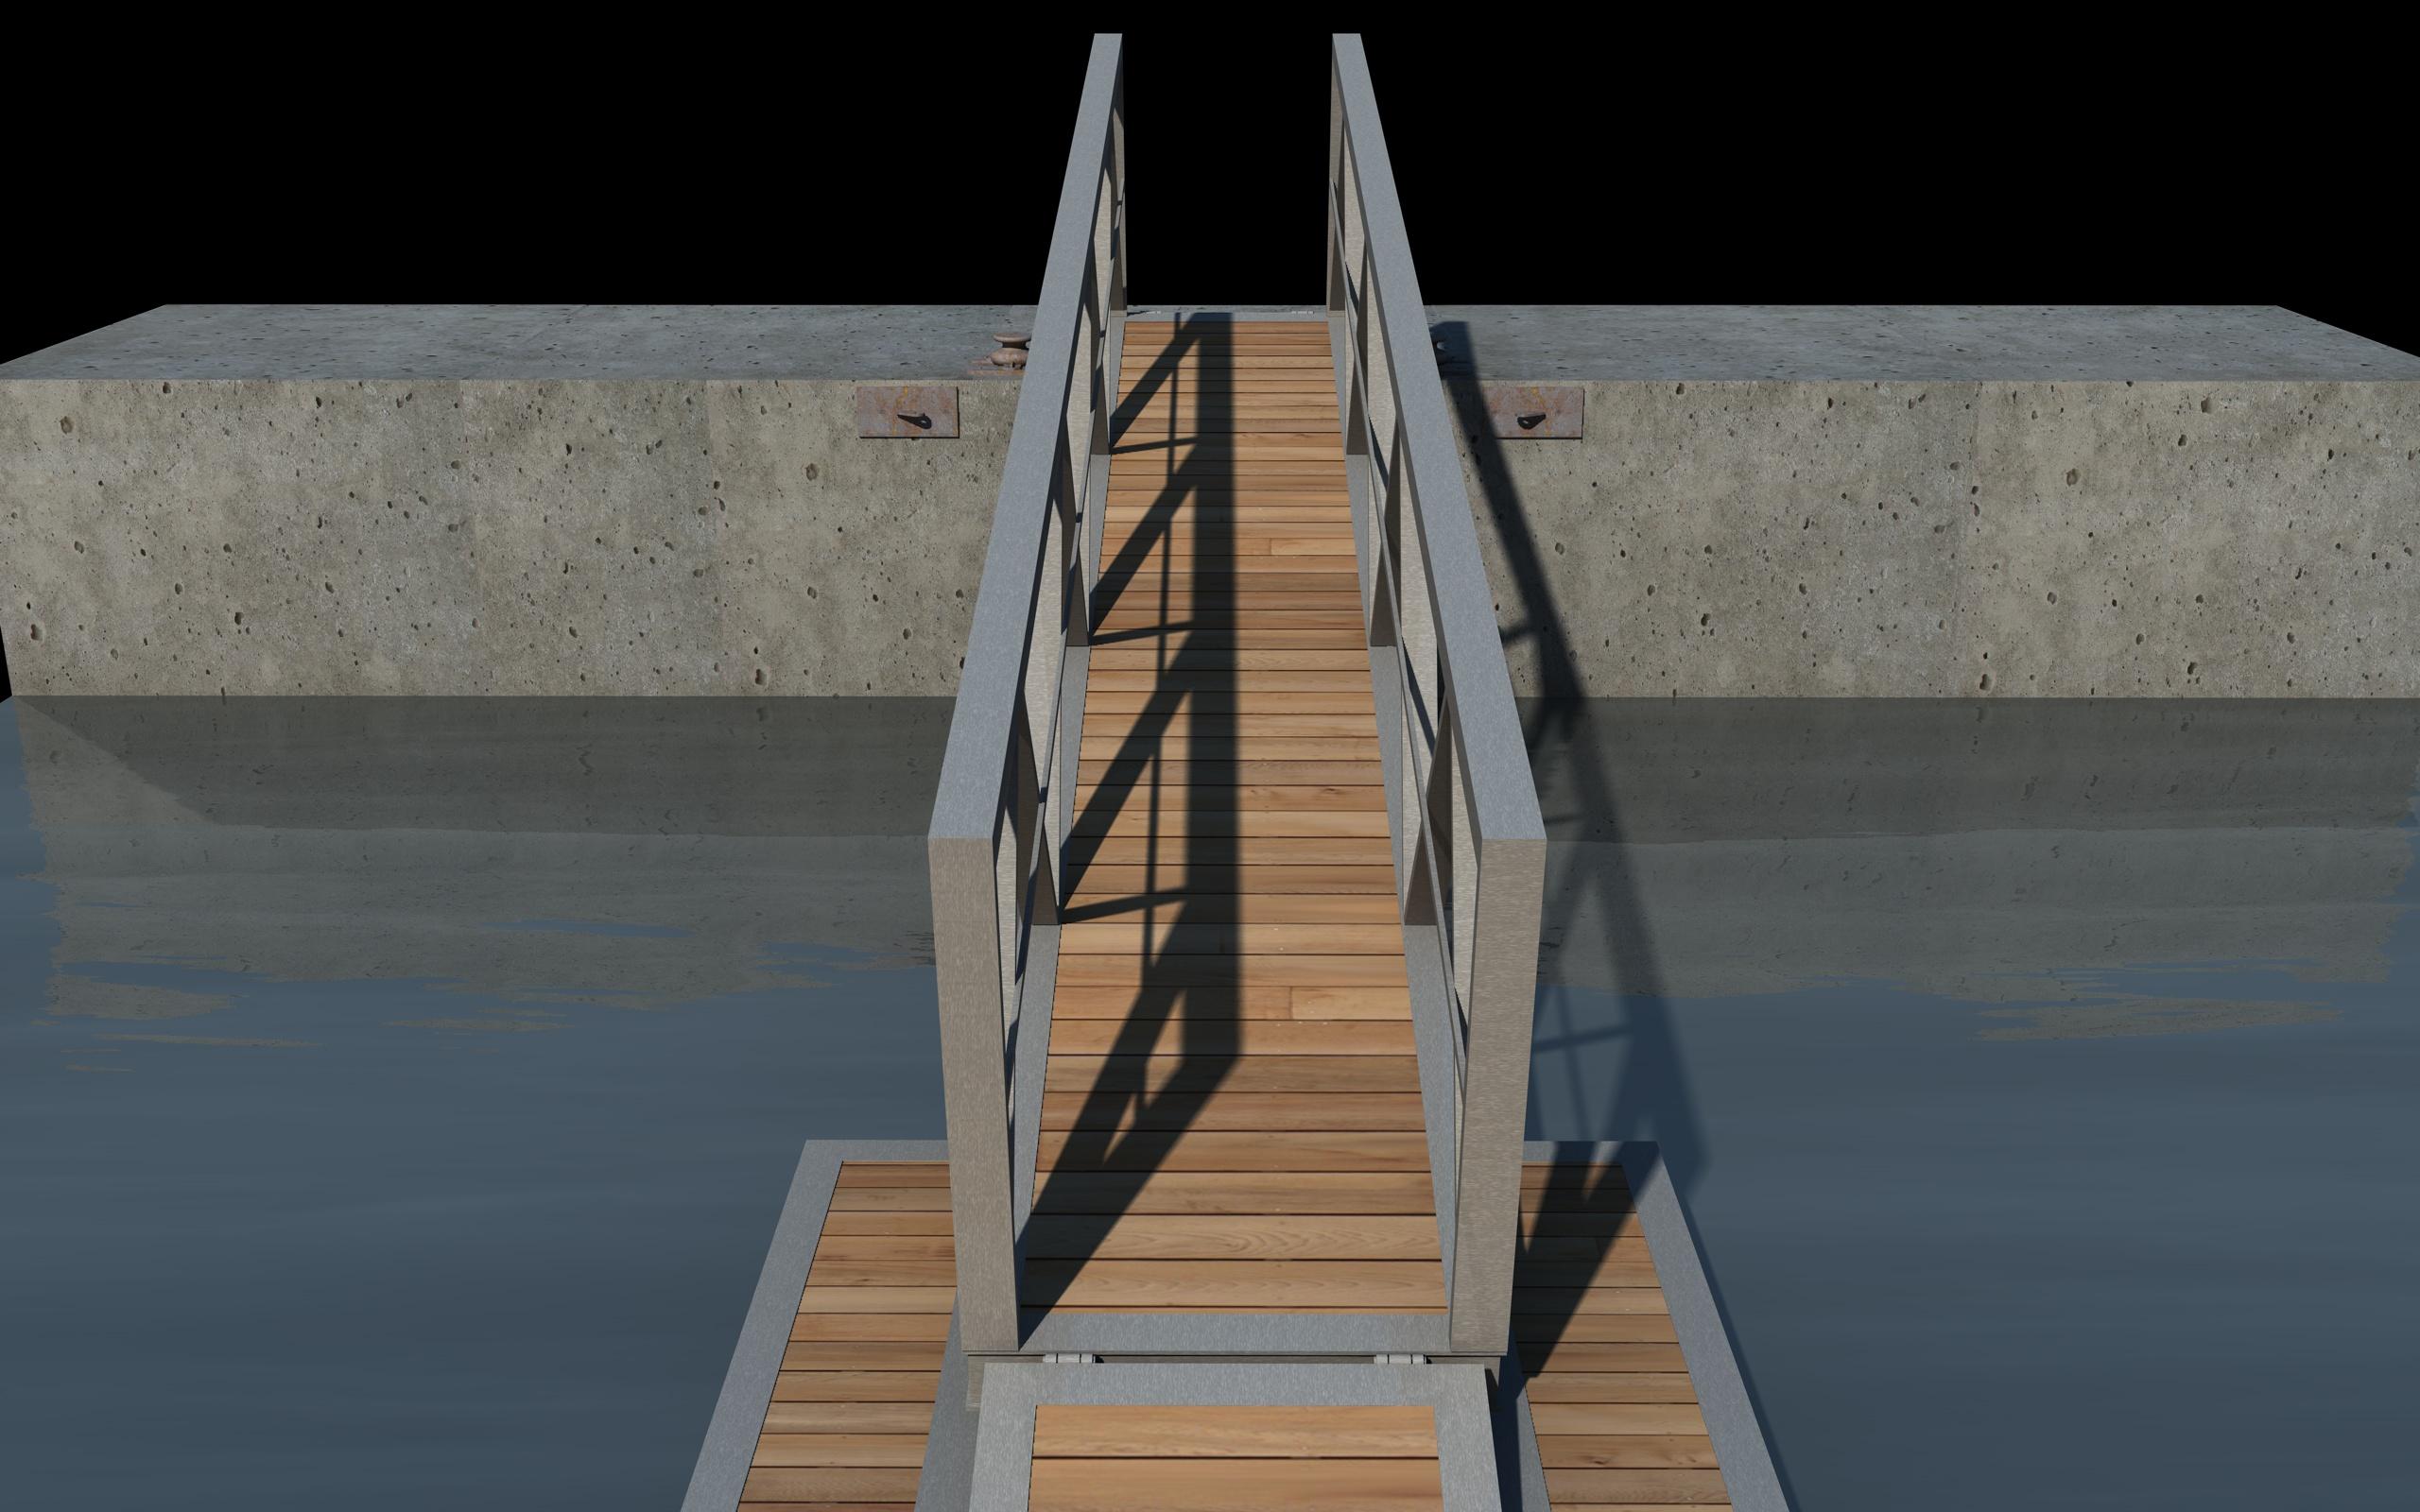 boat pier dock 3d model 3ds dxf fbx c4d skp obj 148413